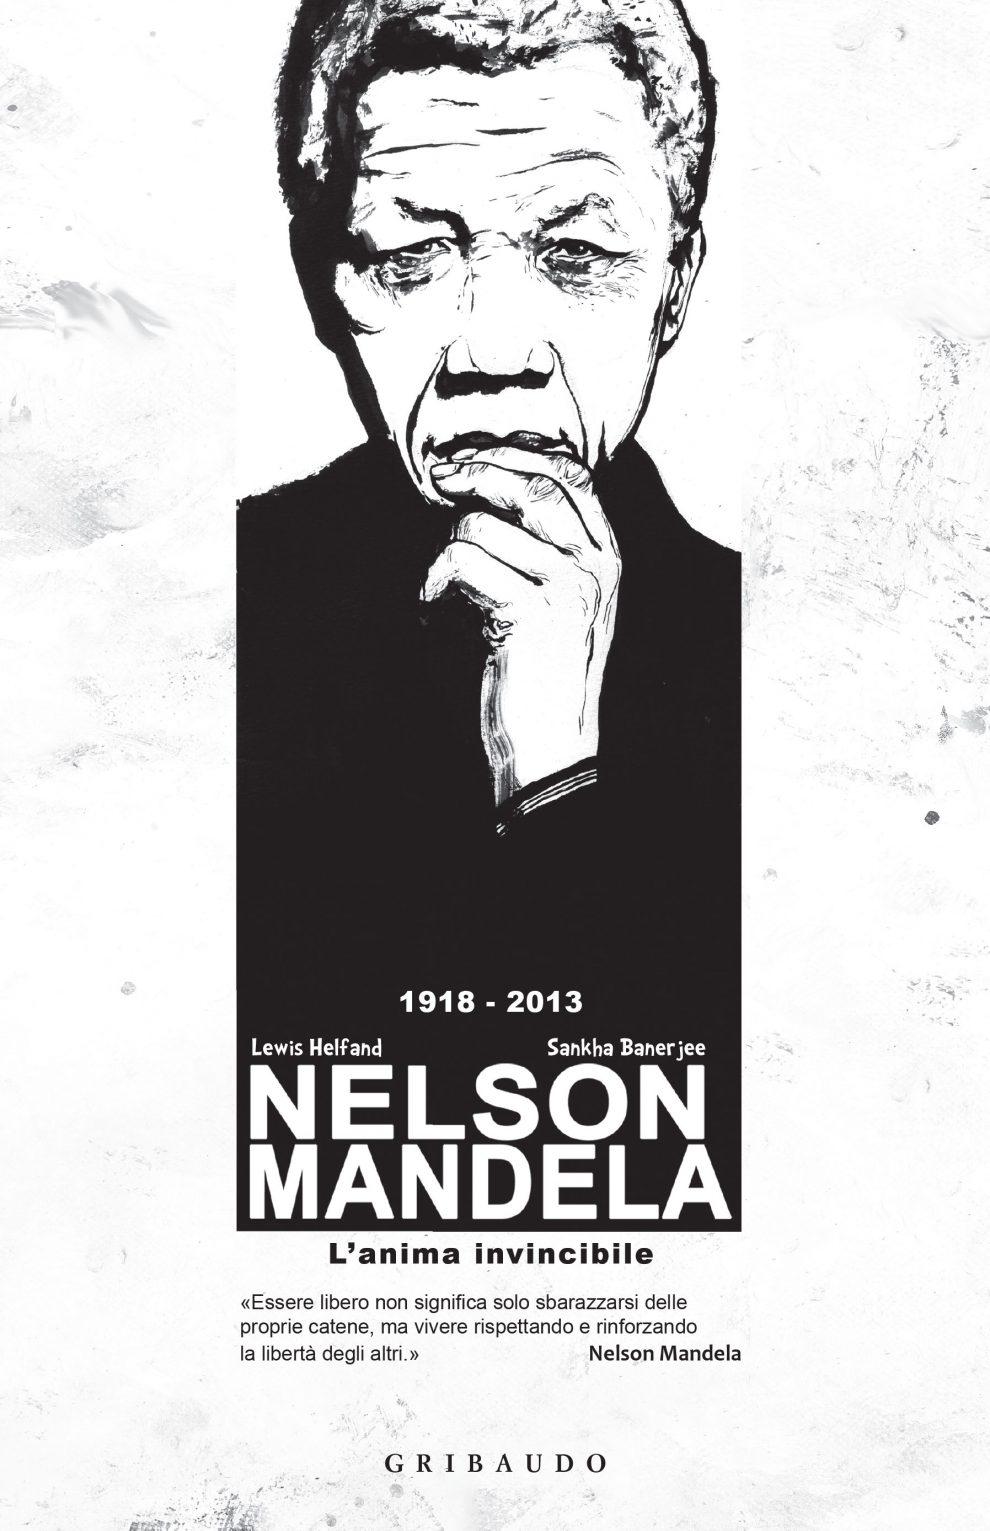 Nelson Mandela, 100 anni fa la nascita di Madiba: la